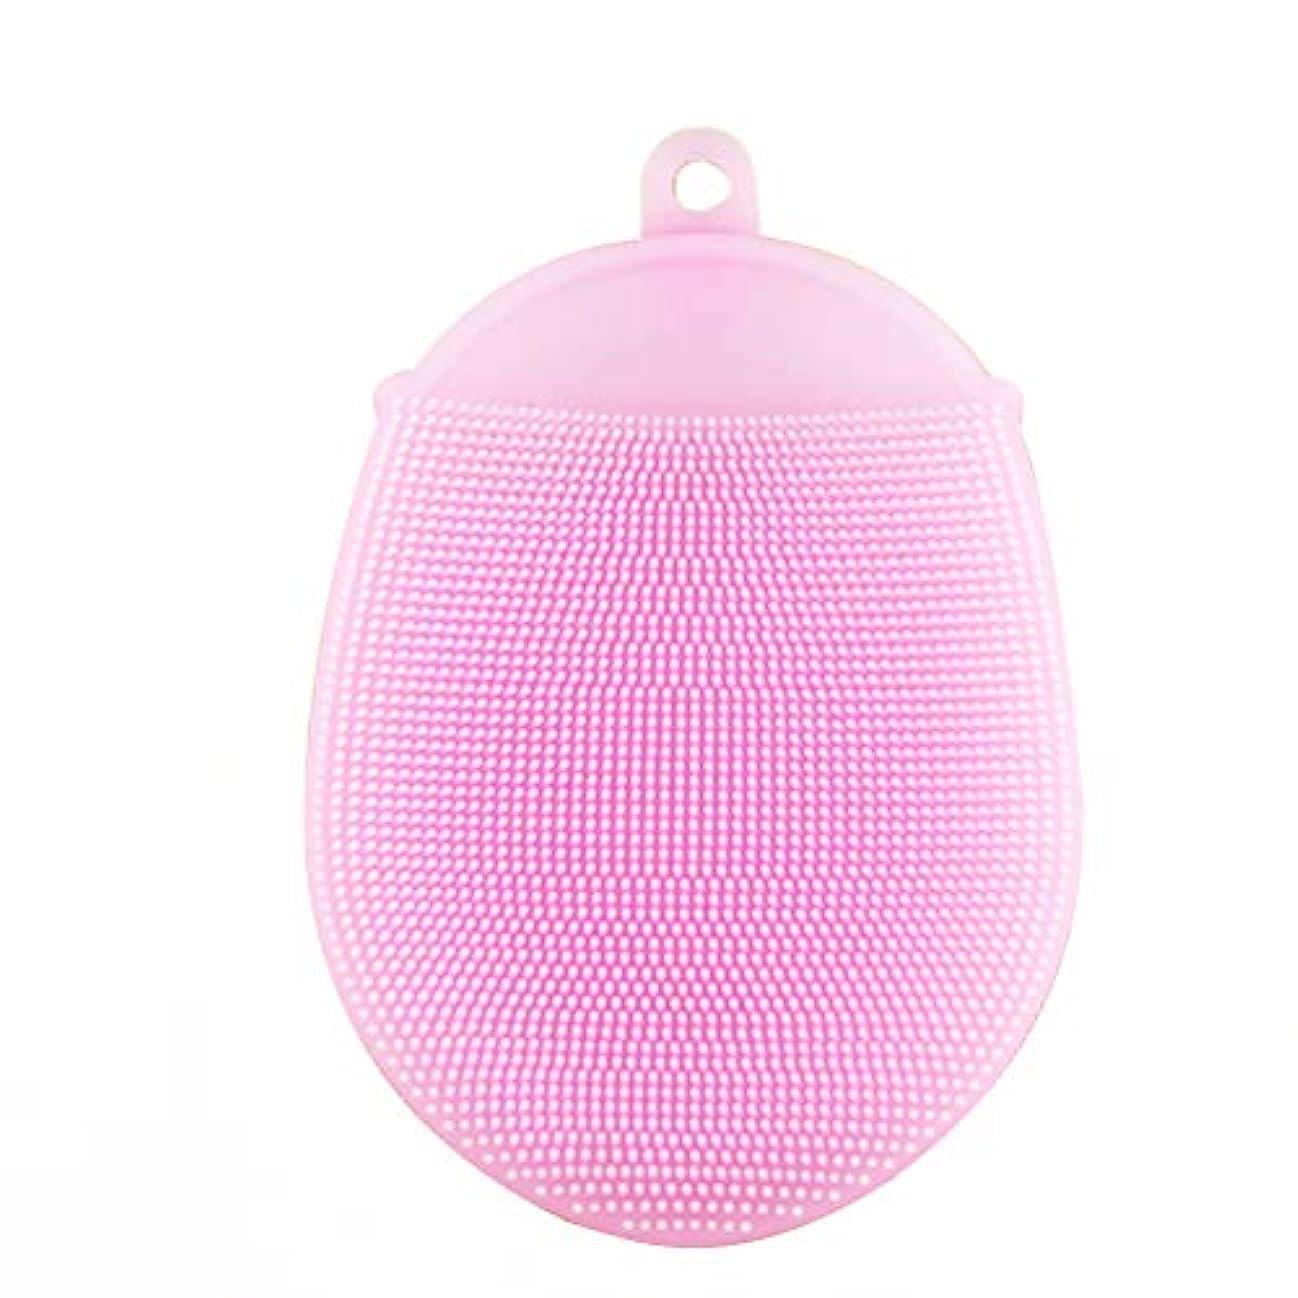 マージ創造あいまいHealifty シリコンボディ入浴ブラシフェイスクレンザーブラシパッドシャワースクラバー手袋2本(ピンク)